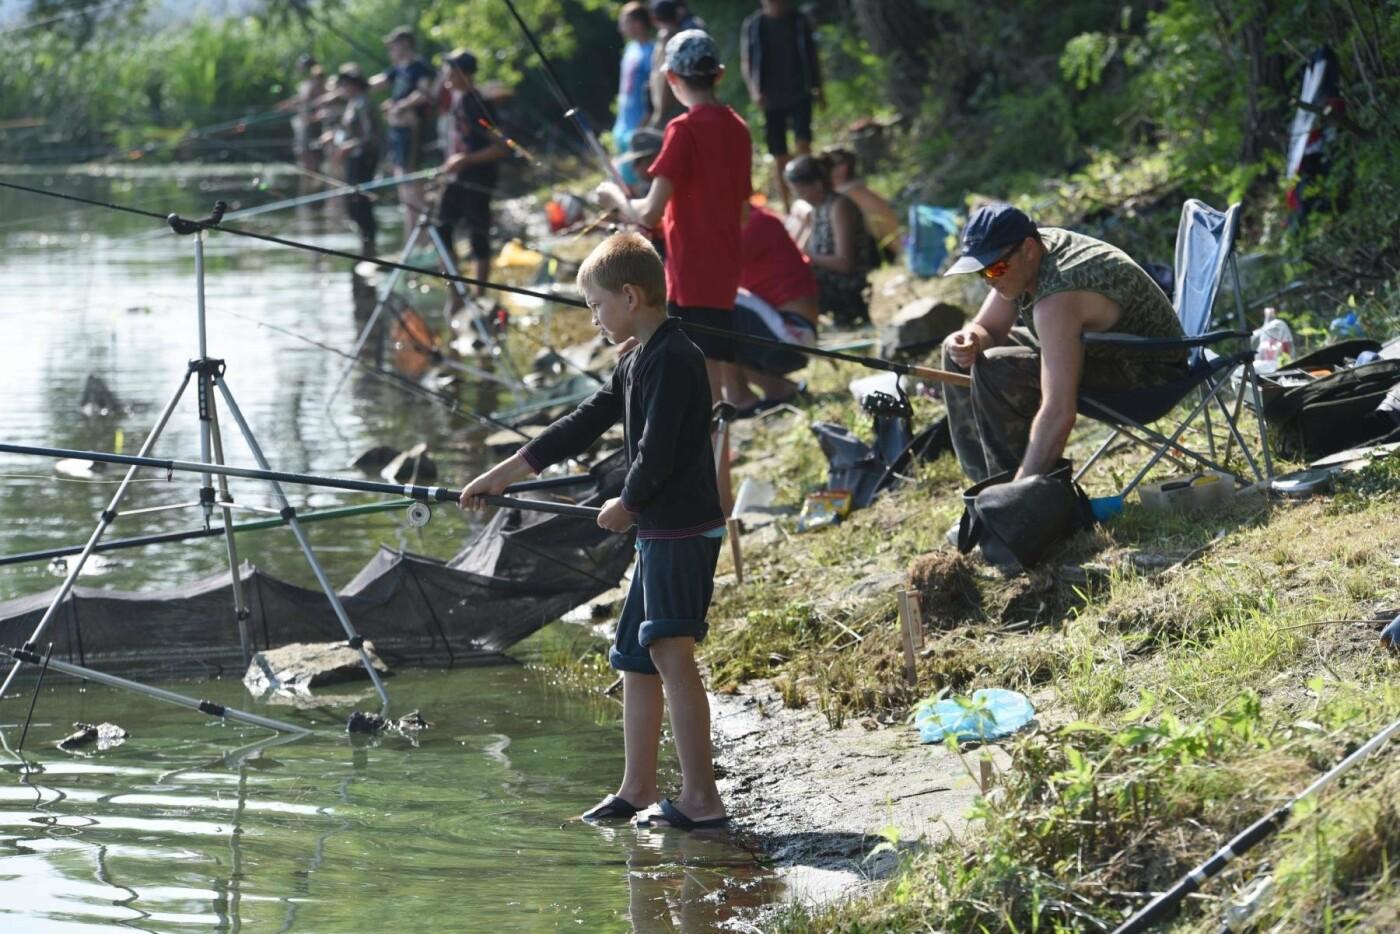 В Карнауховке отмечали День рыбака, фото-1